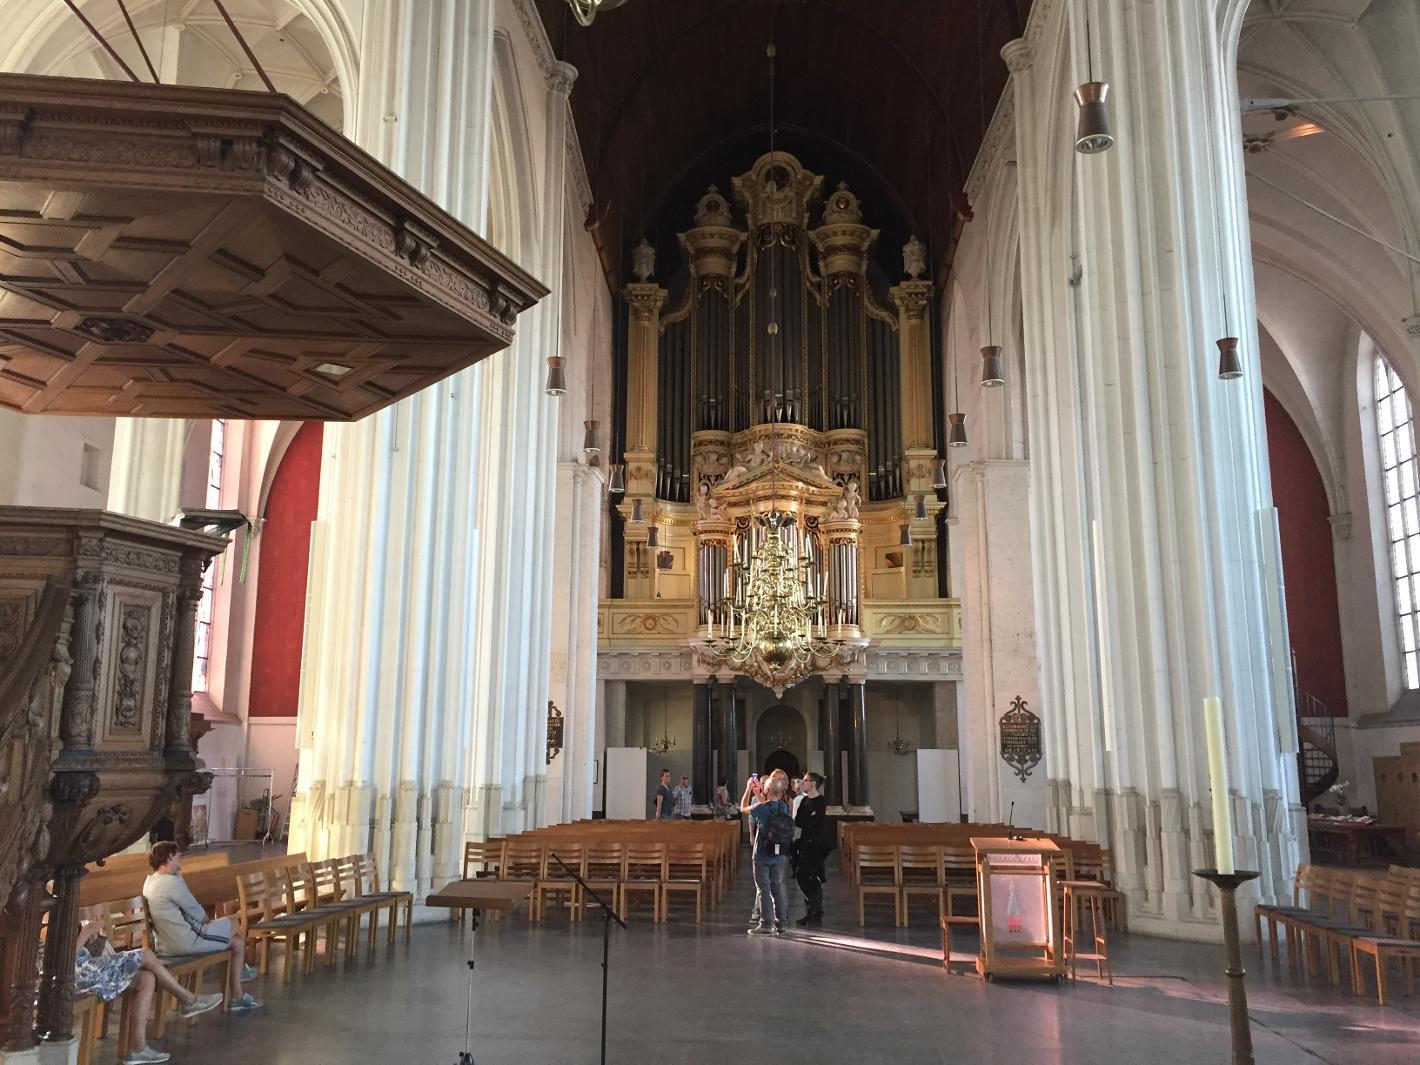 Nijmegen öffnungszeiten